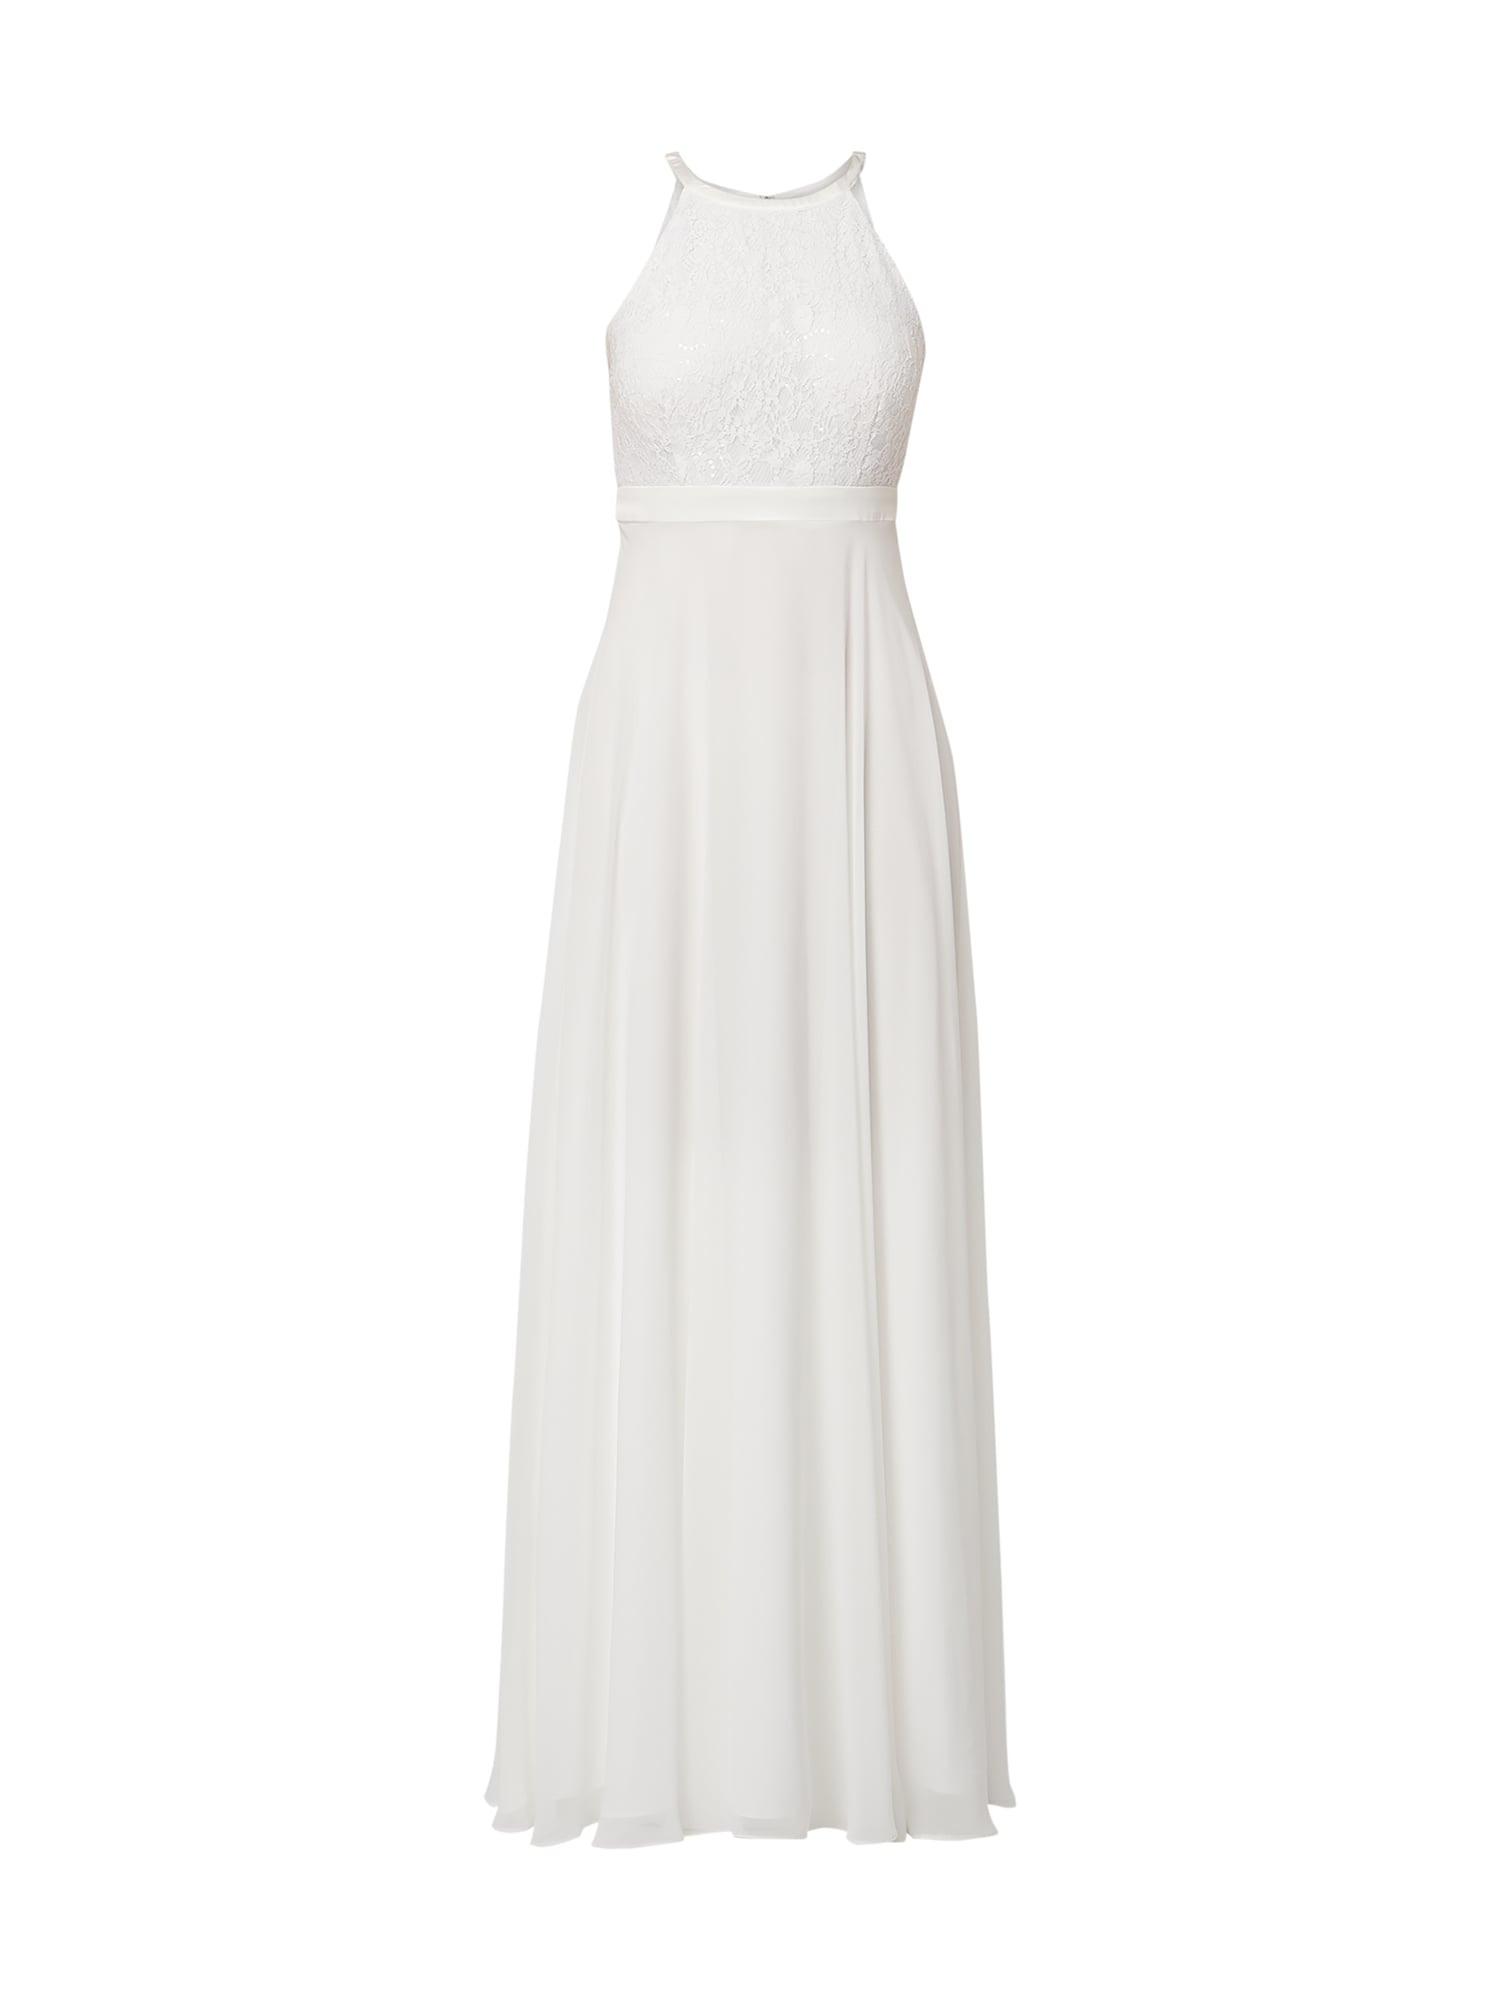 13 Top Jakes Abendkleid für 2019Abend Ausgezeichnet Jakes Abendkleid Design